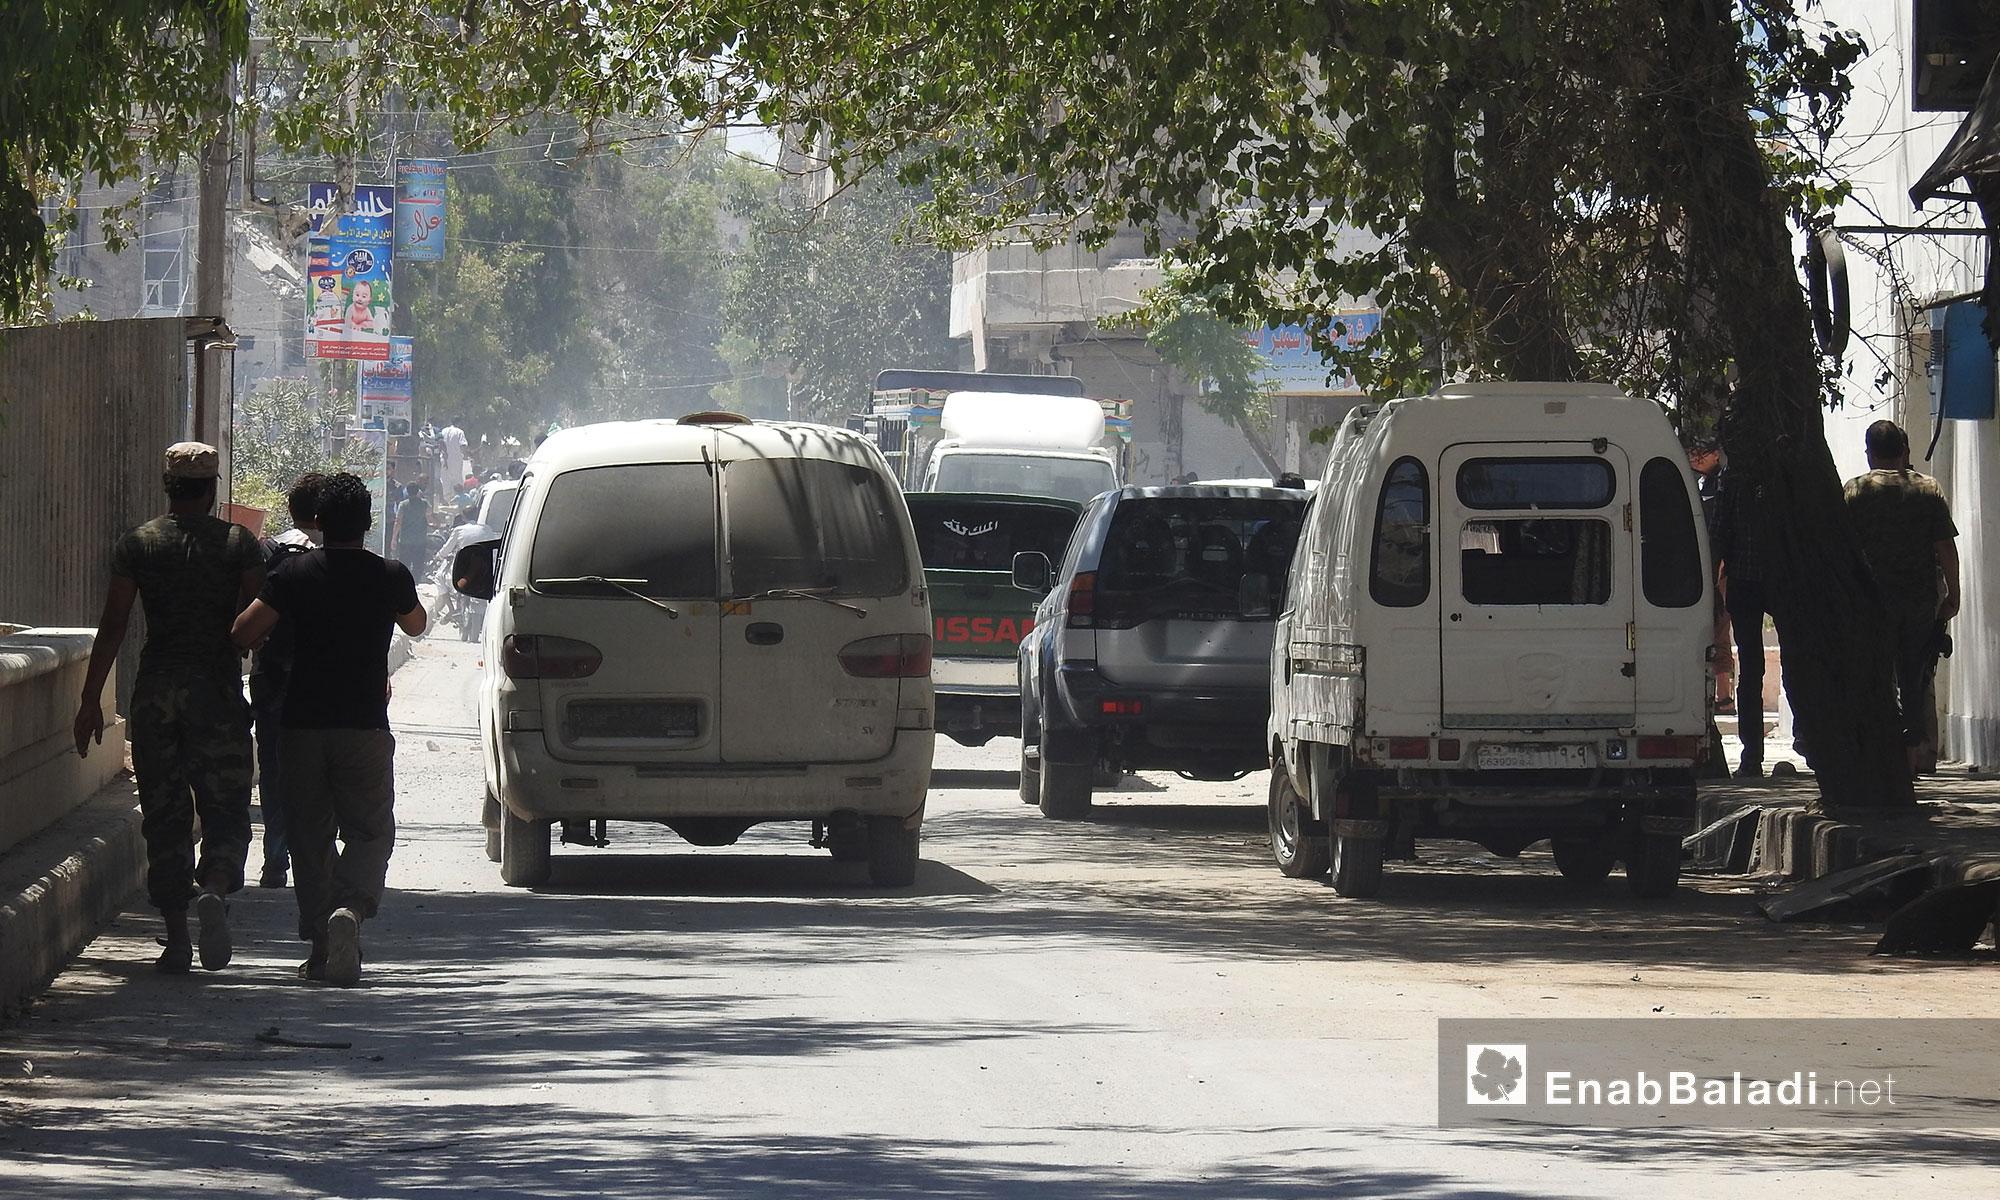 من الحياة اليومية في مدينة الباب - 9 تموز 2017 (عنب بلدي)